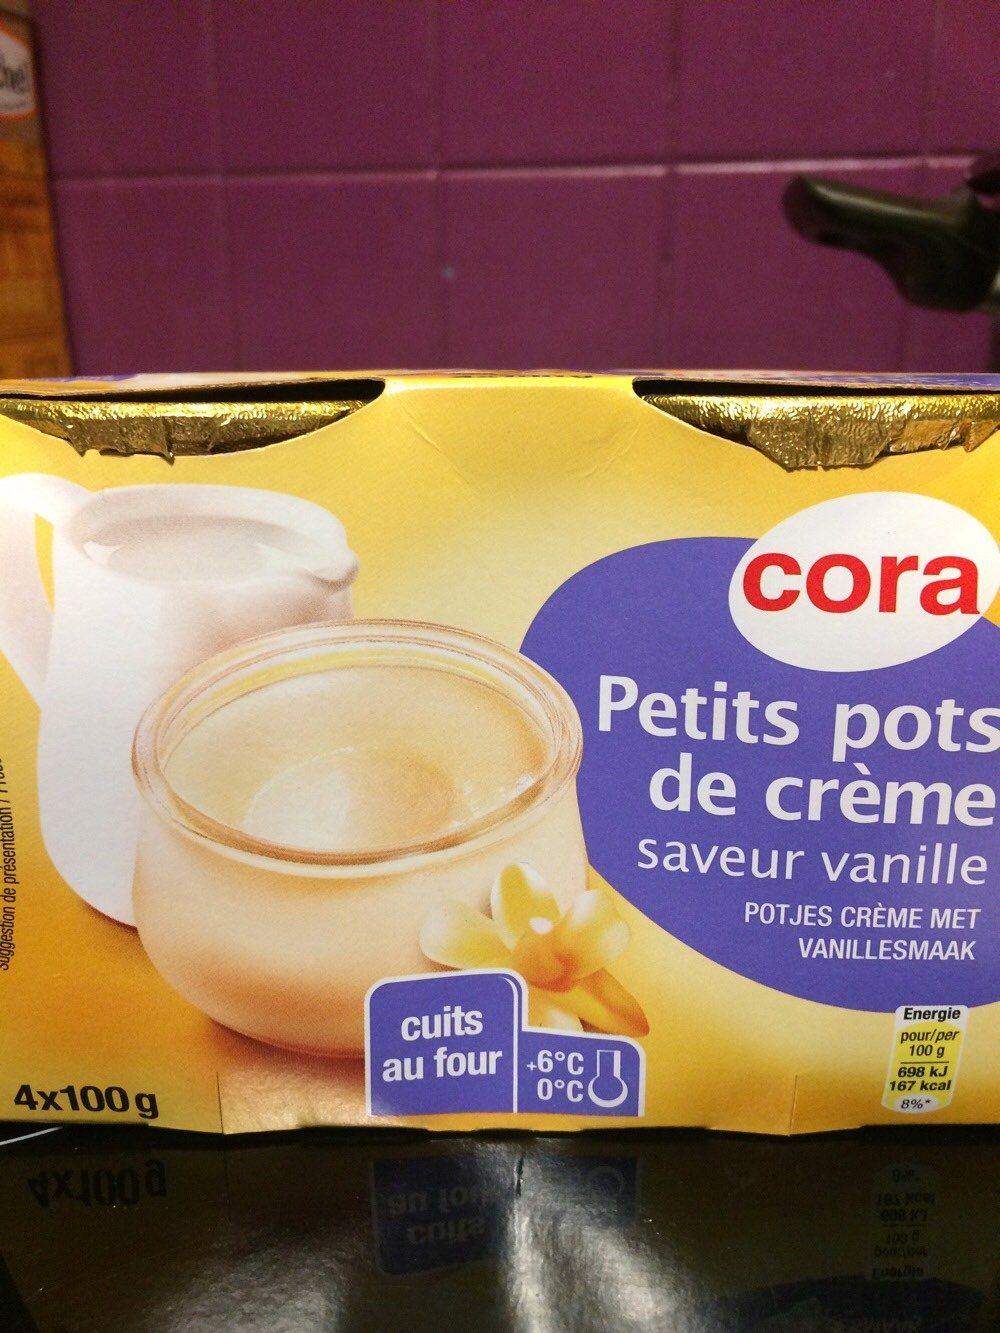 Petits pots de creme saveur vanille - Produit - fr